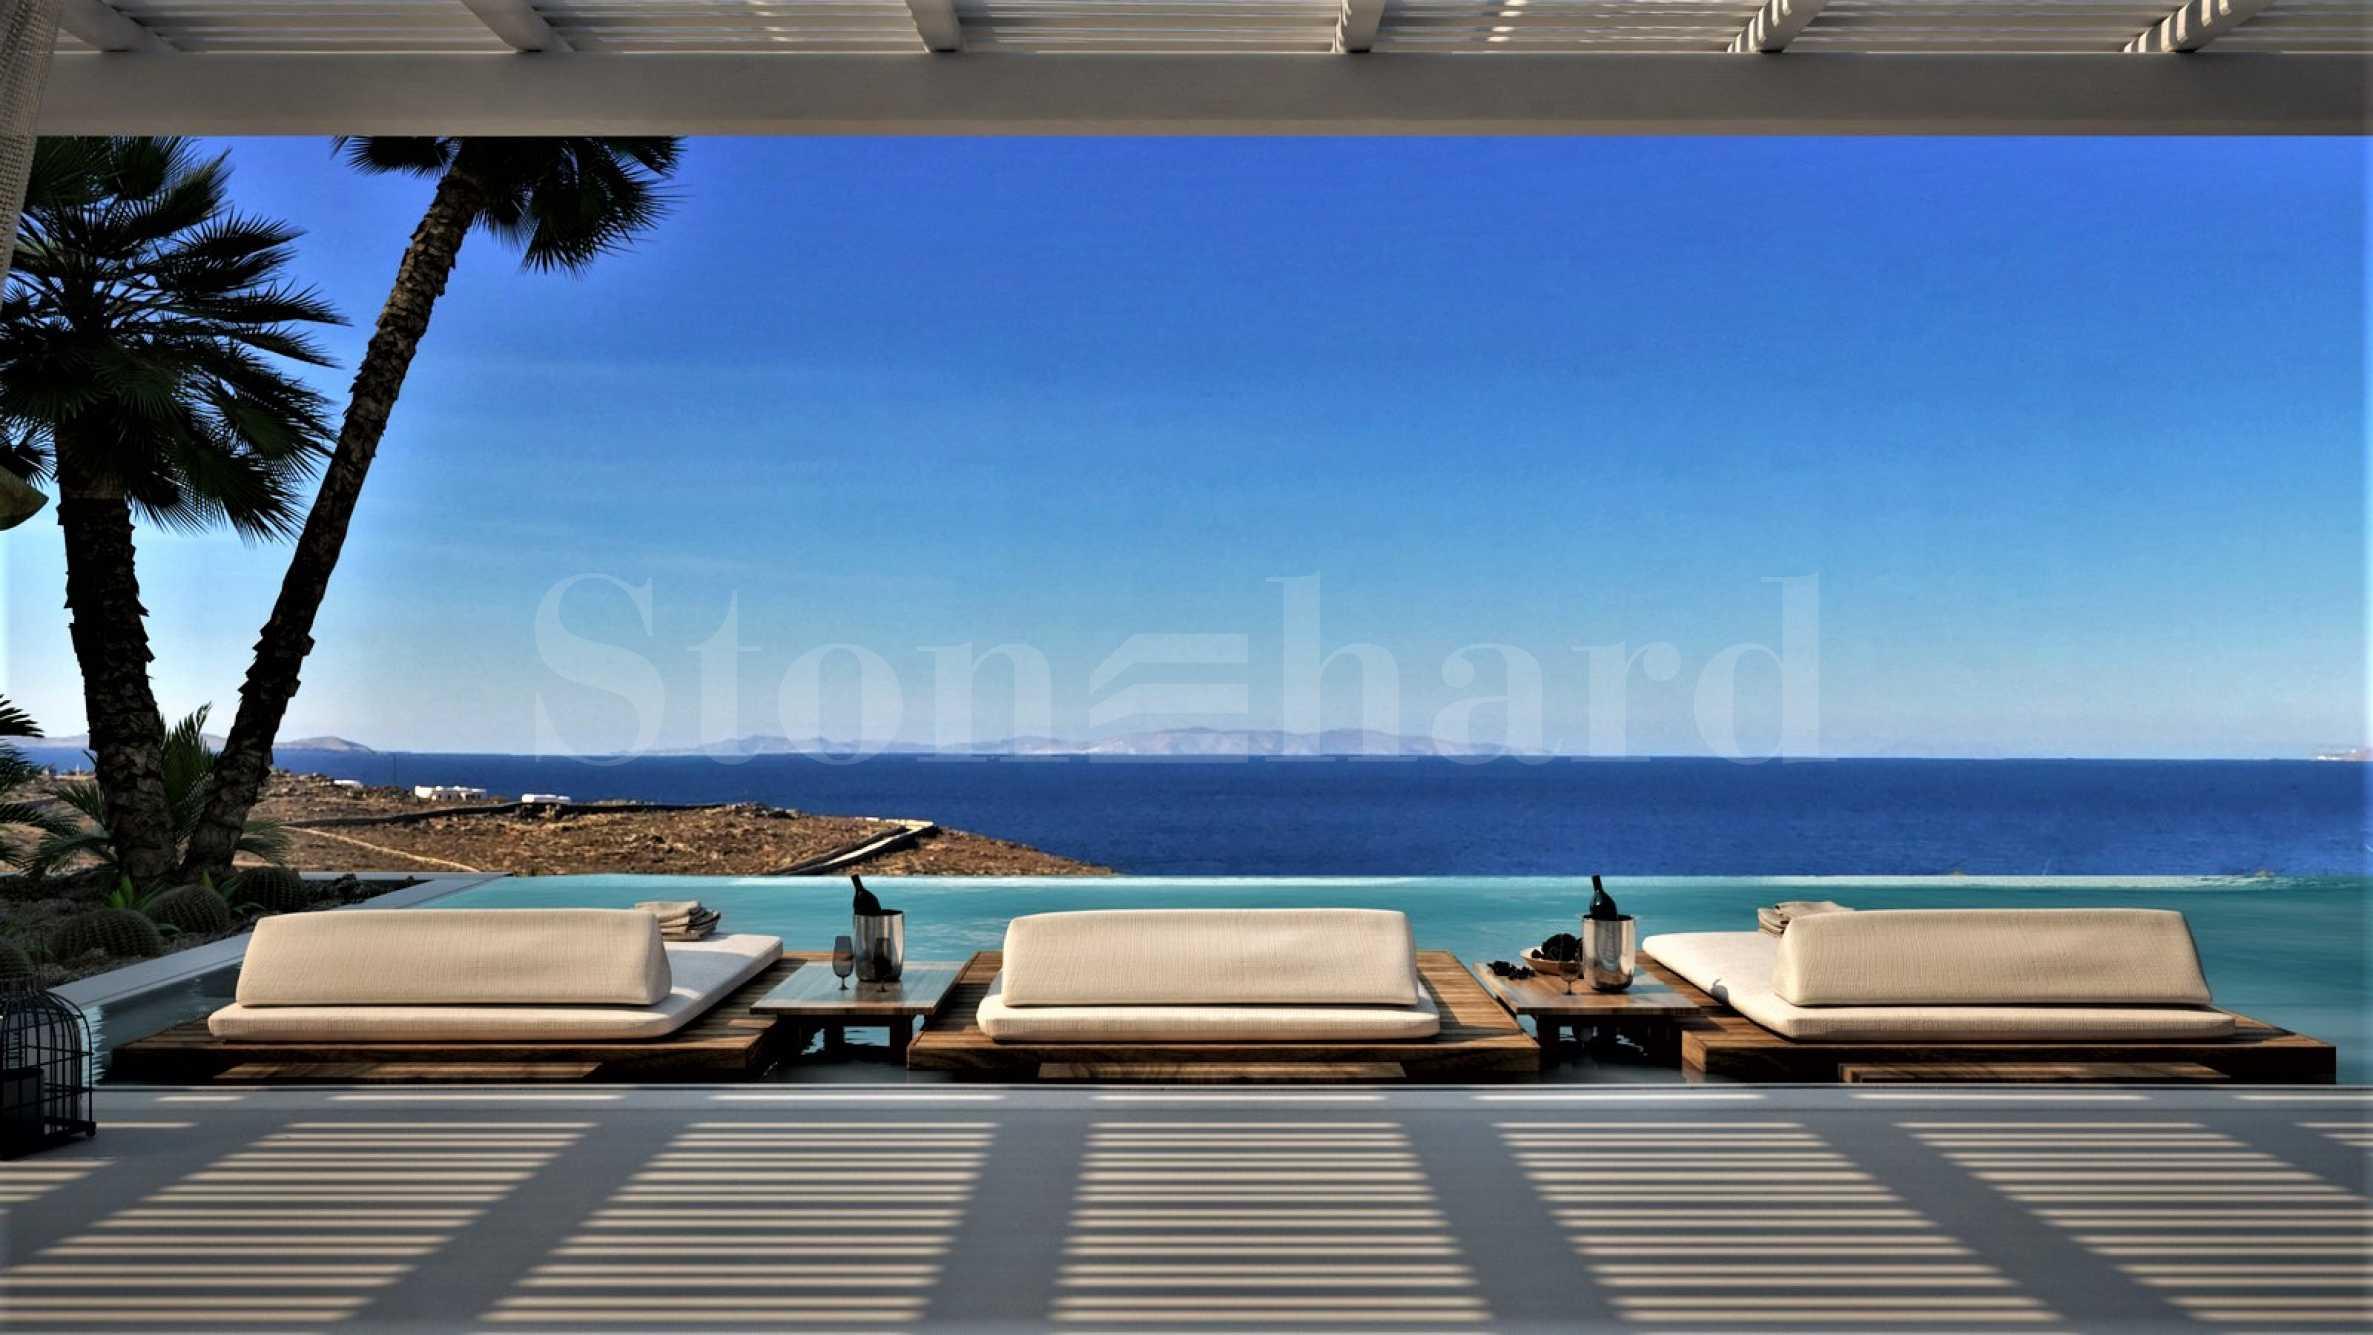 Инвестиционен проект на о-в Миконос, в непосредствена близост до два плажа1 - Stonehard